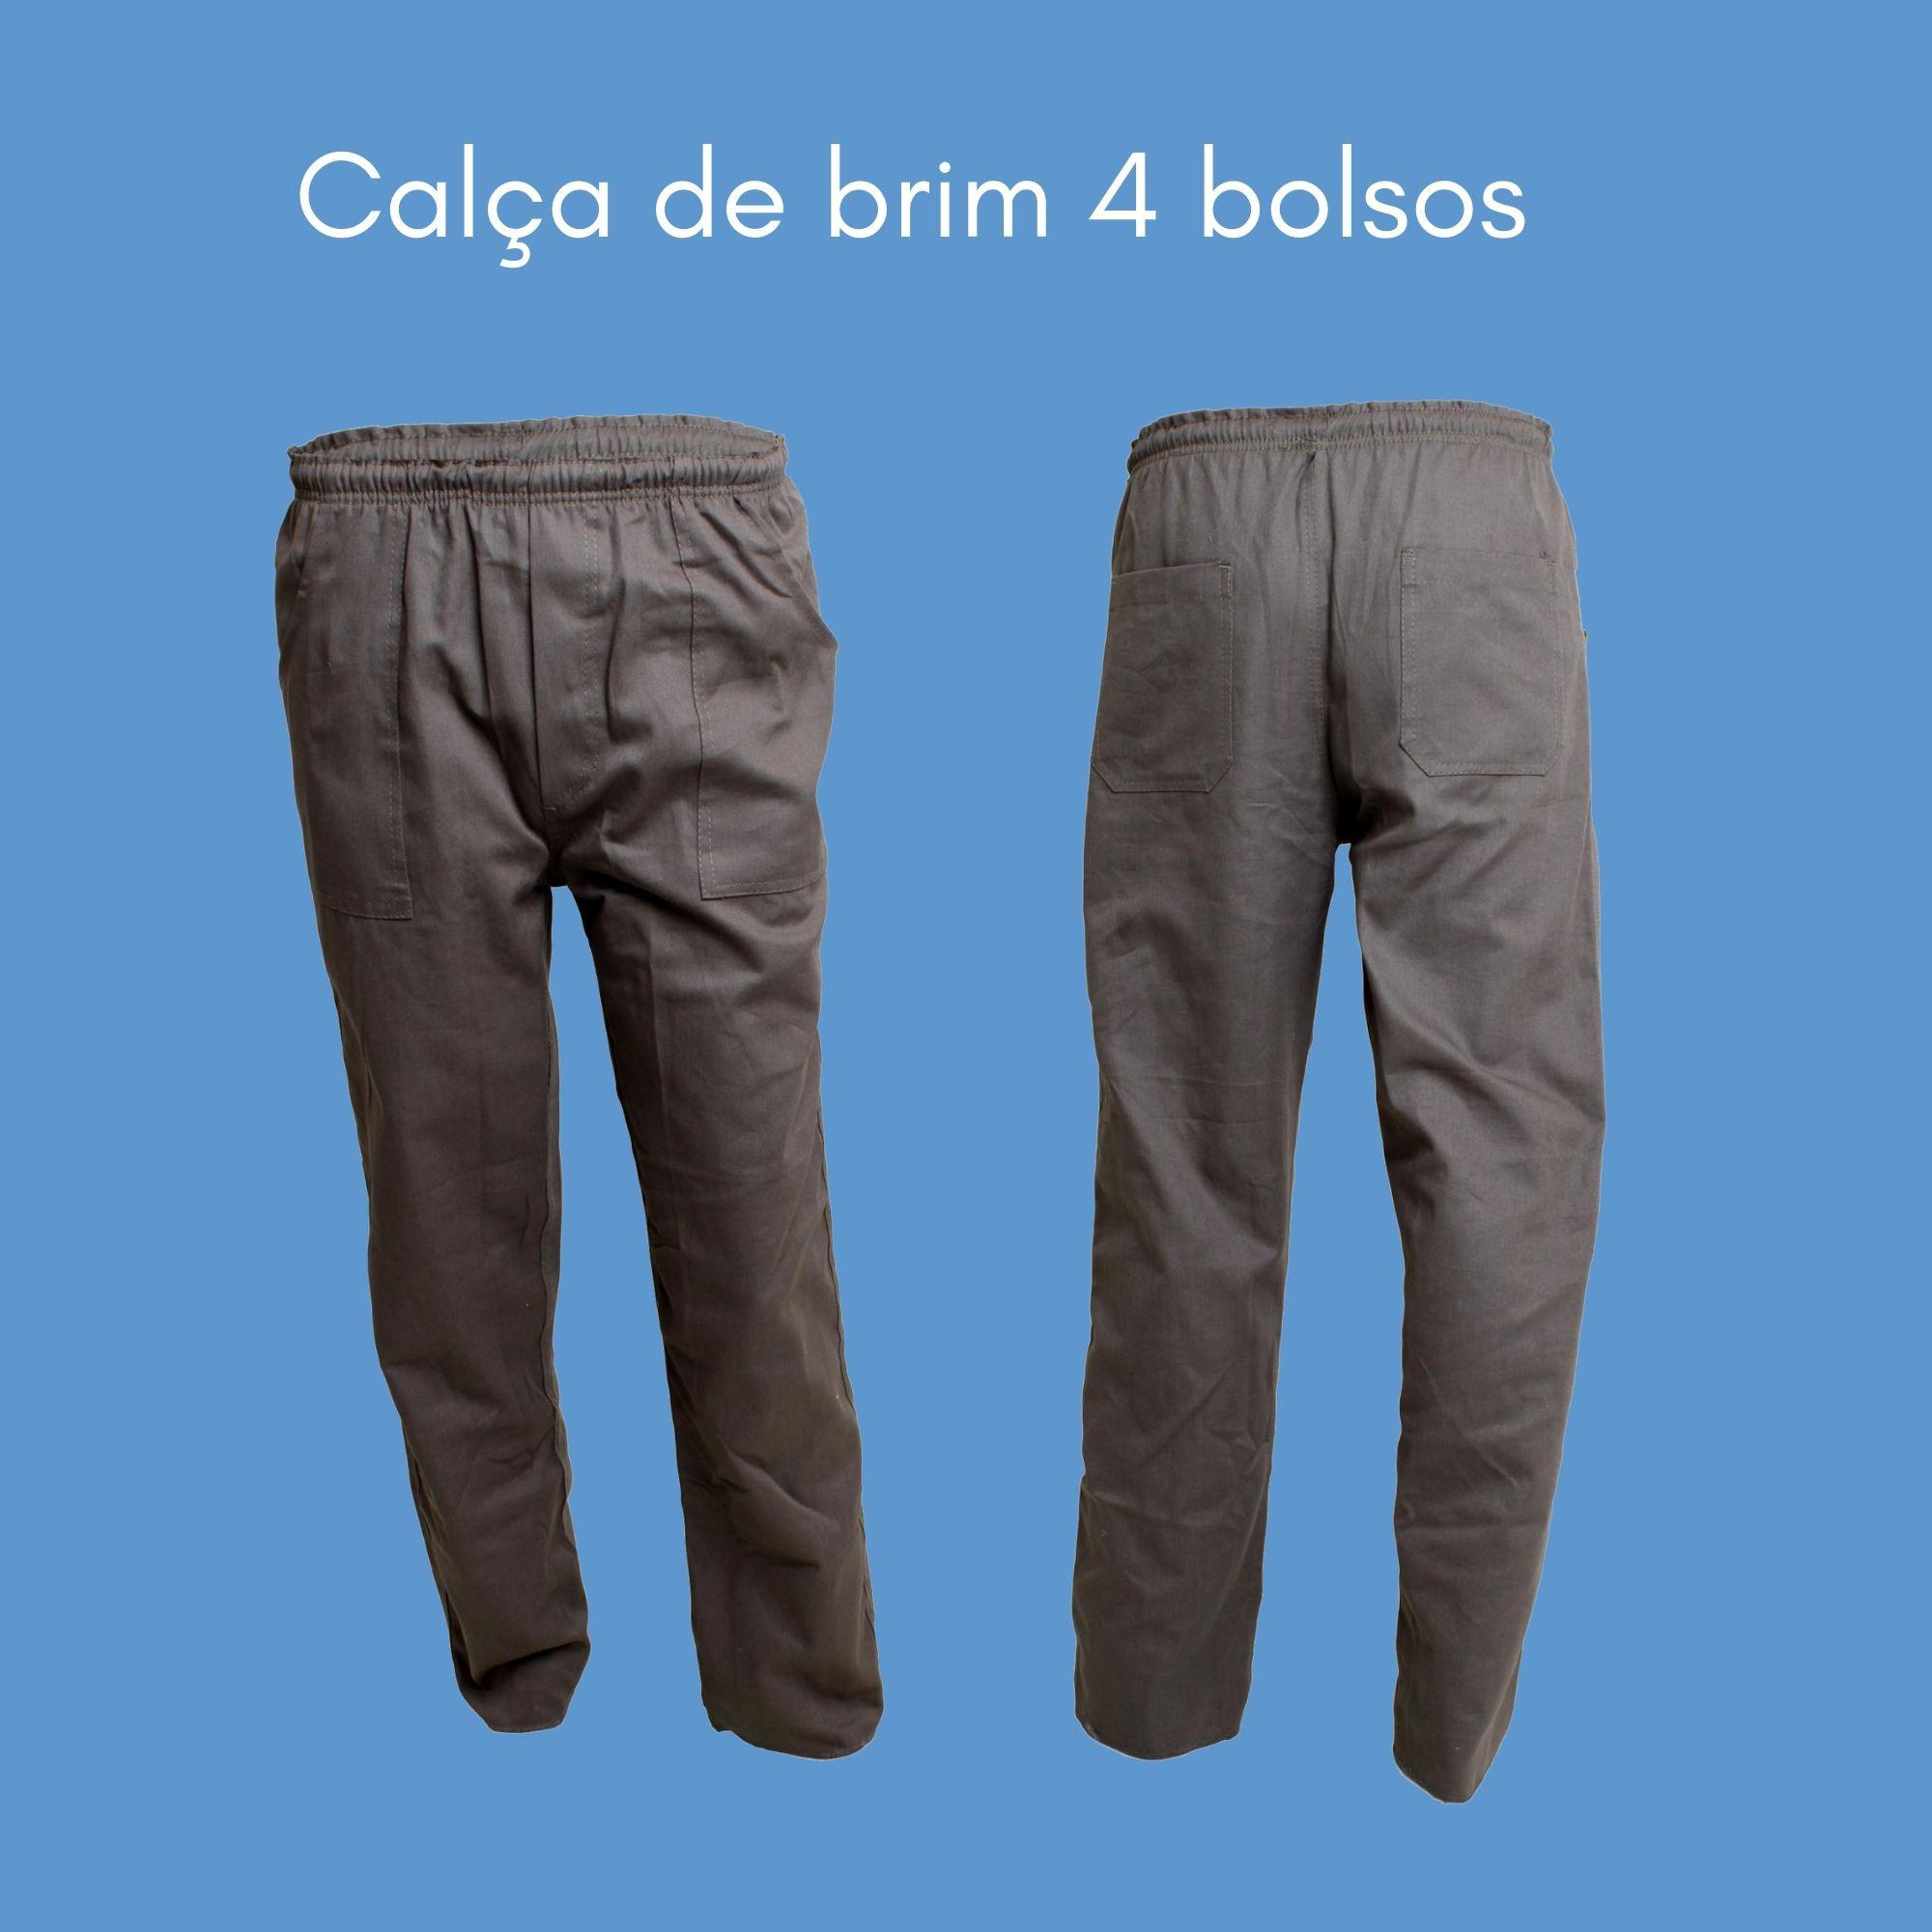 CALÇA PROFISSIONAL TRABALHO DE BRIM CINZA  - DE PAULA EPI